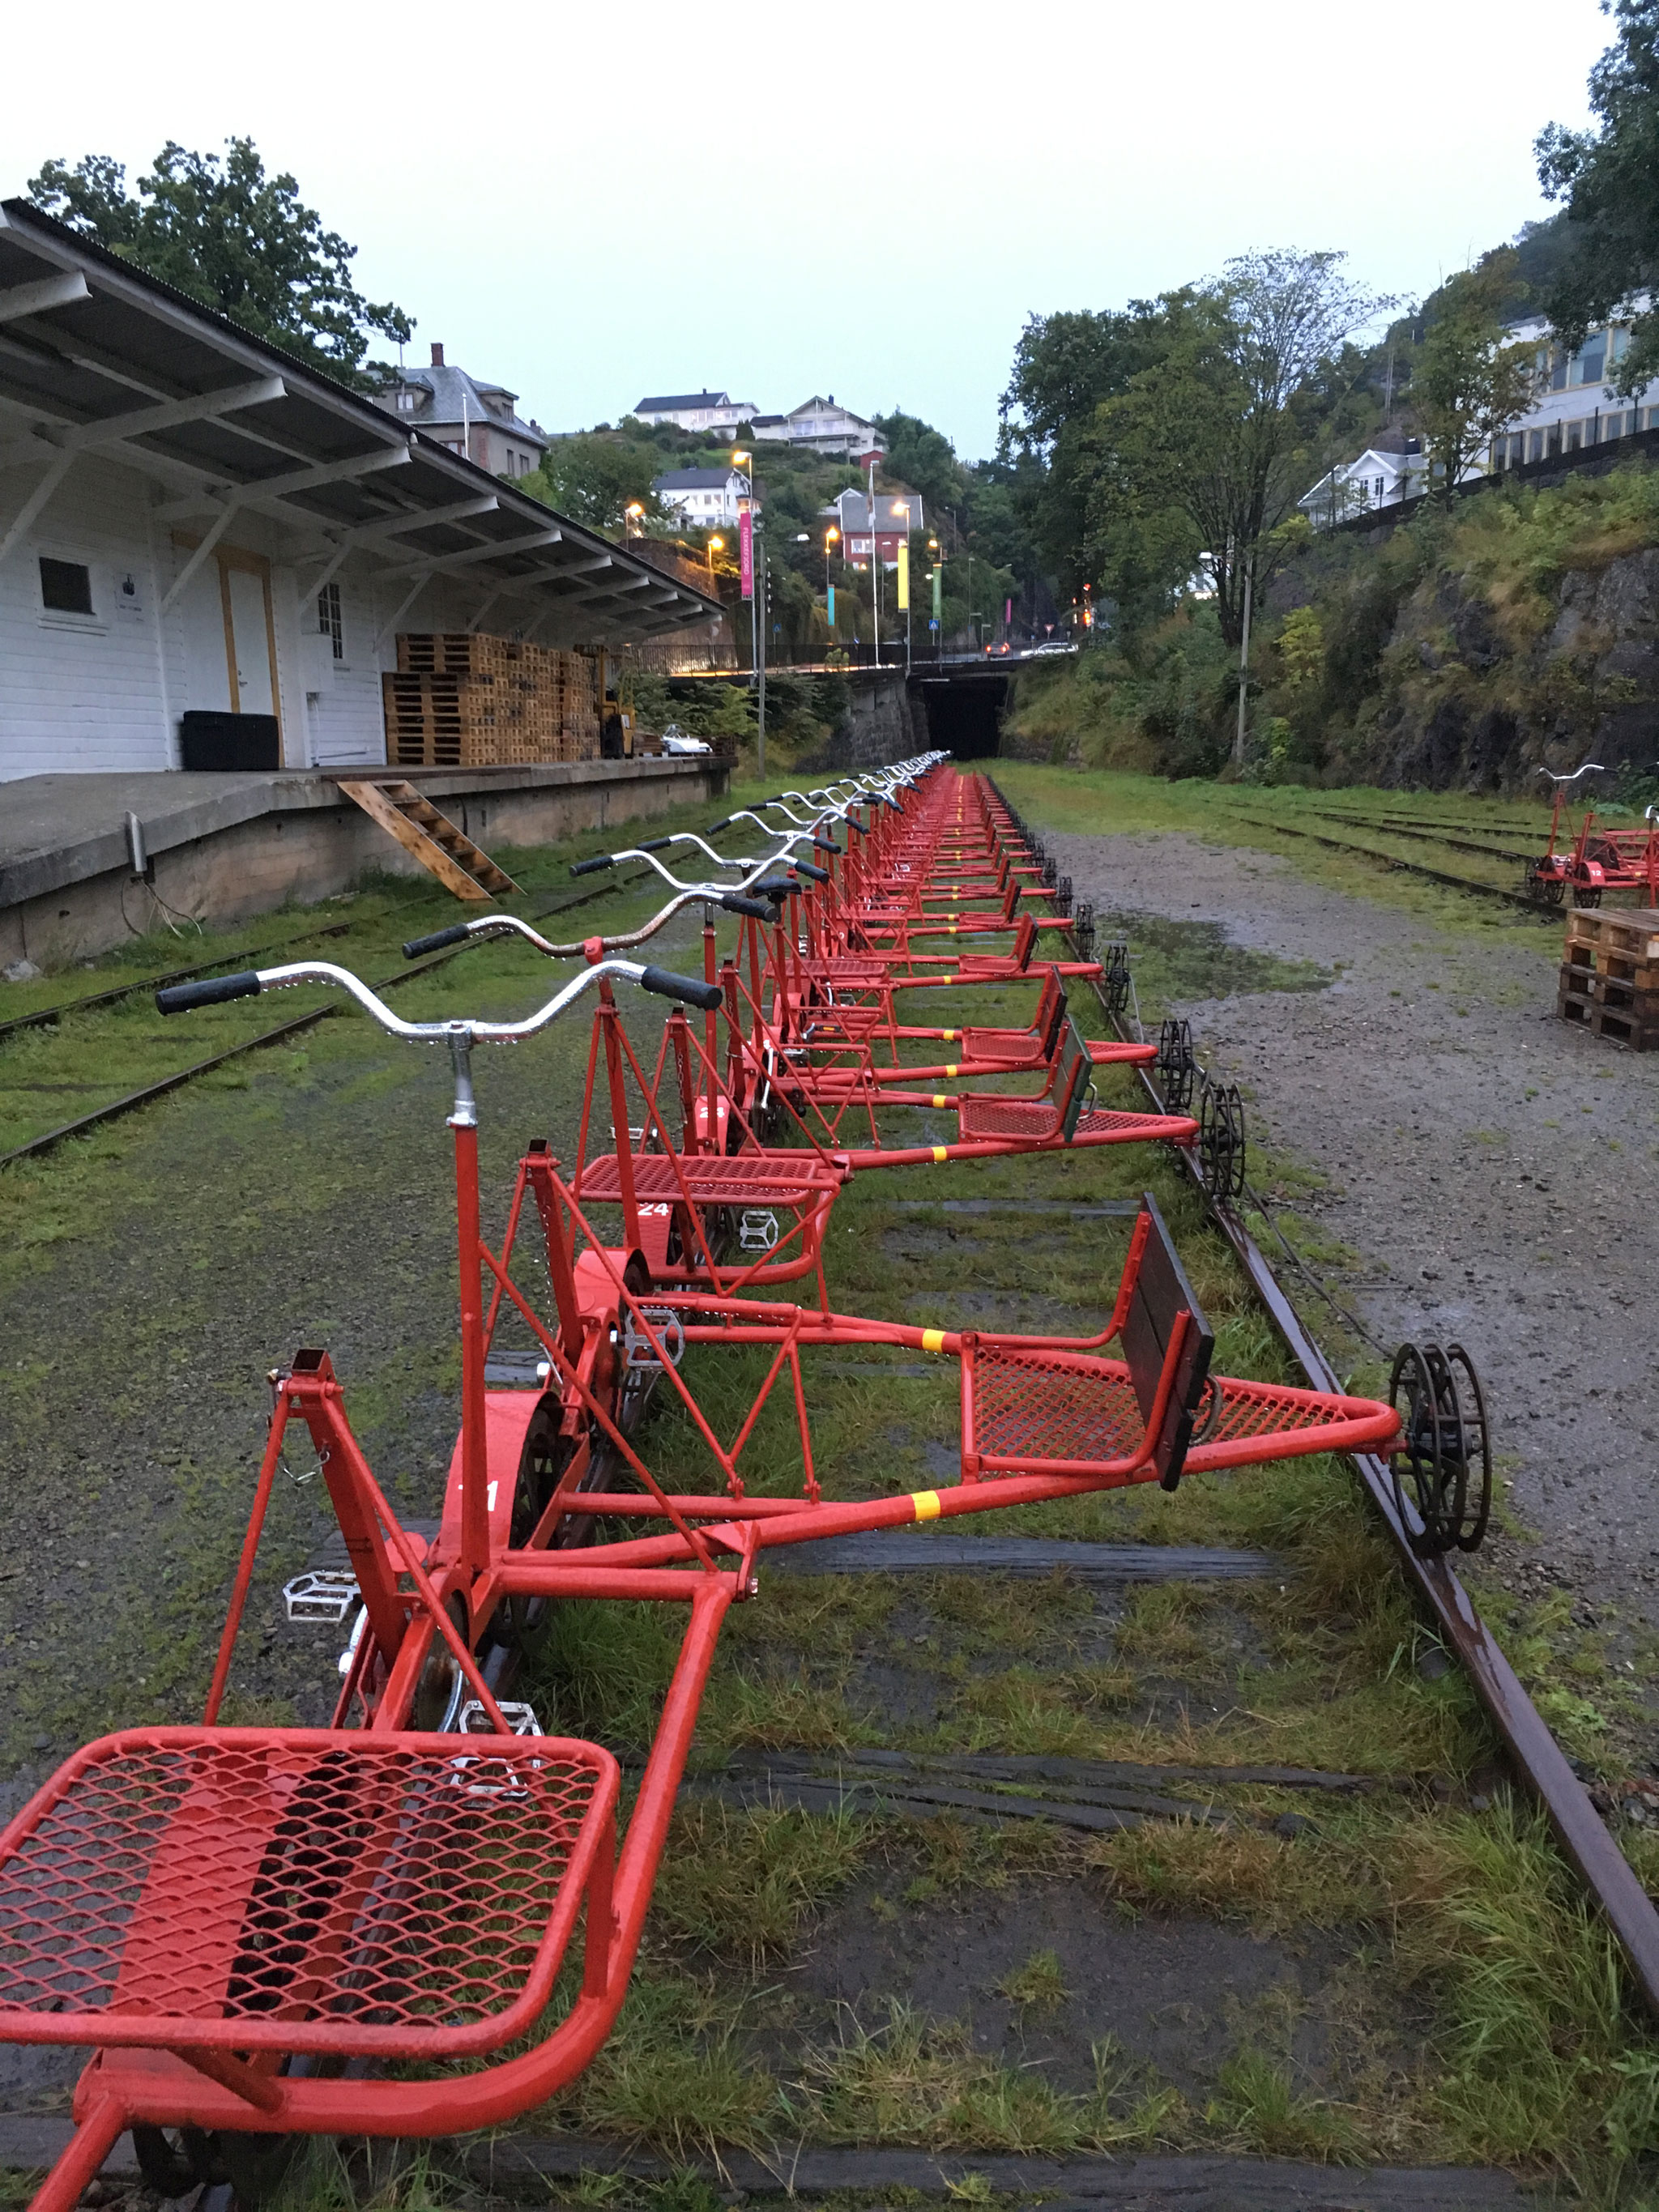 Skinnecykler står klar til turen